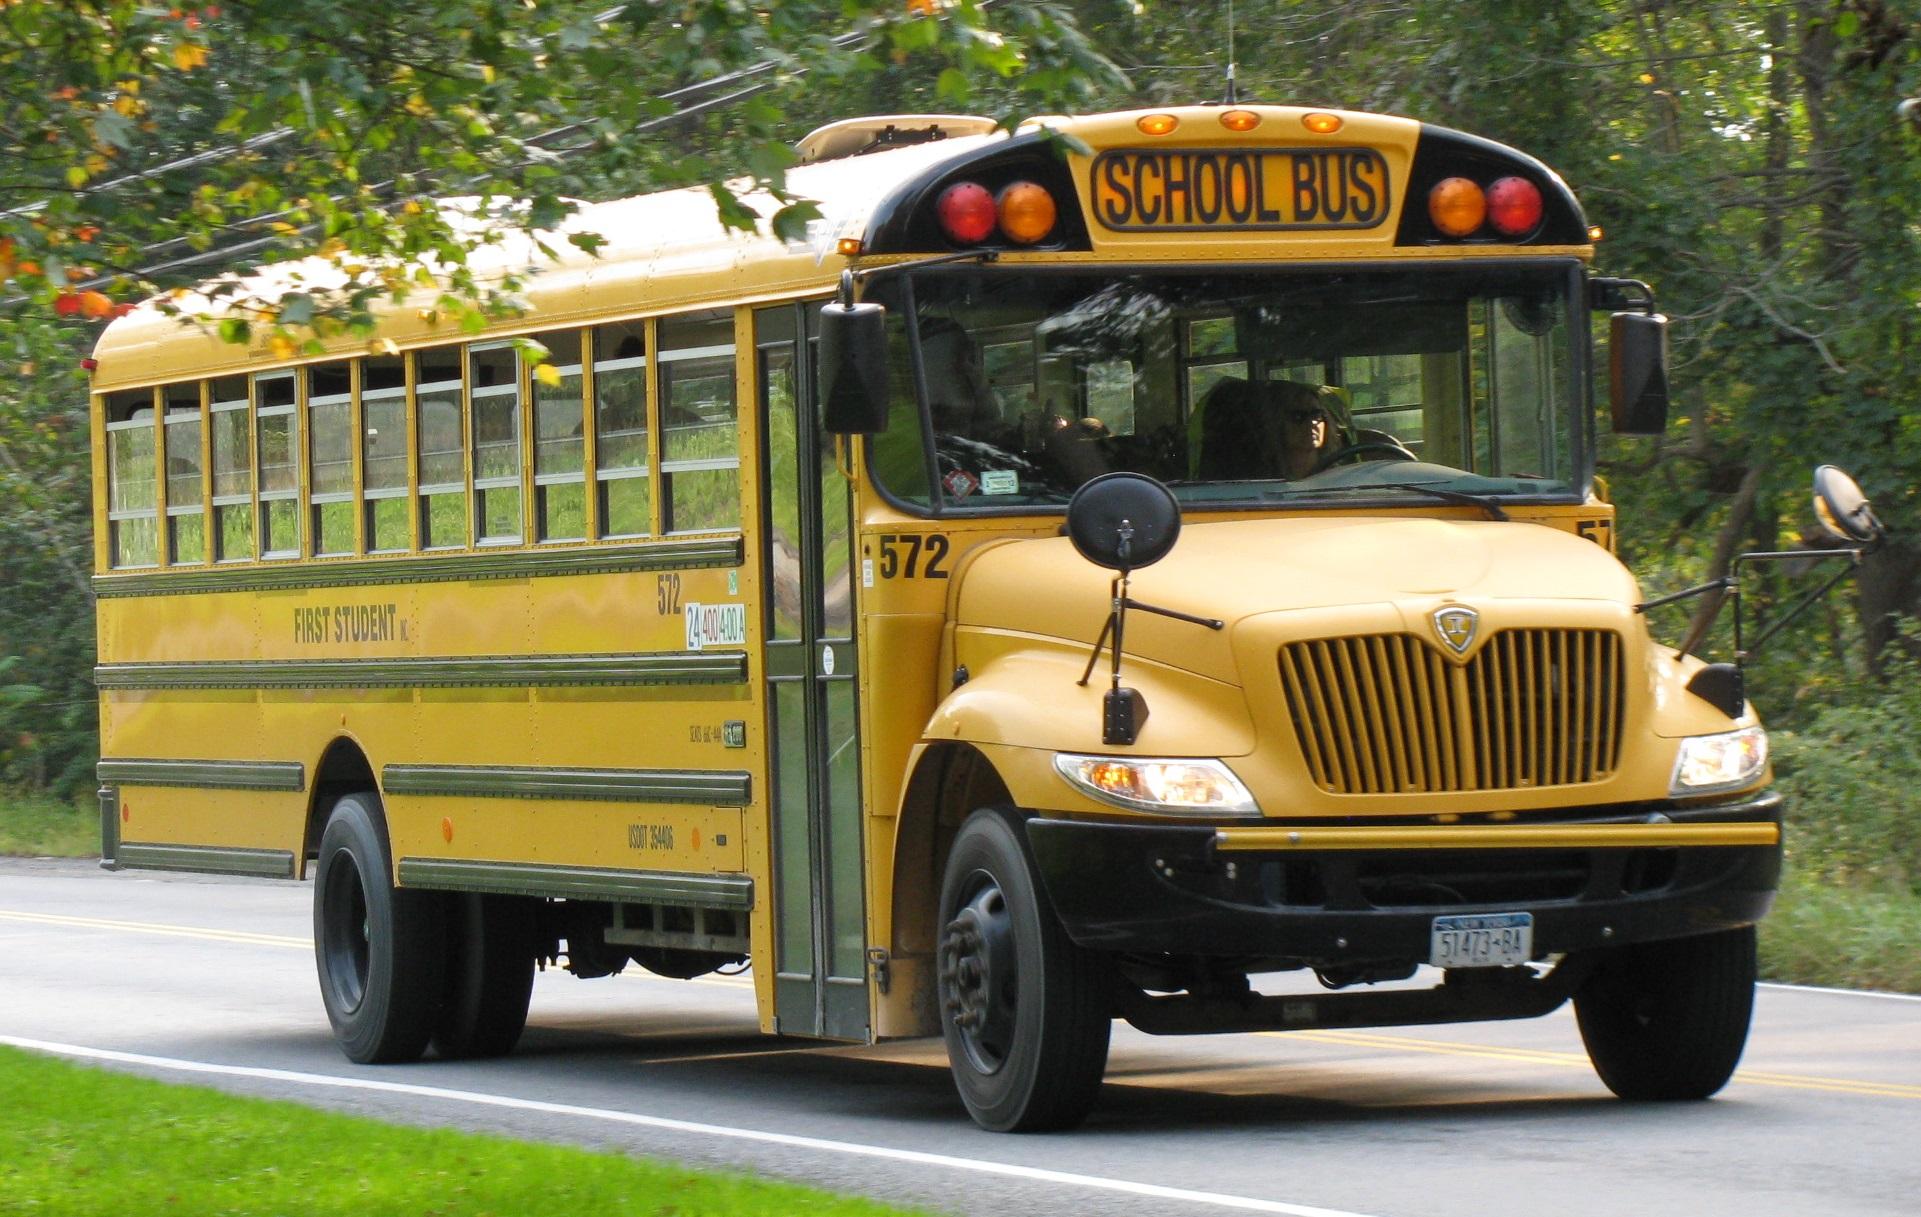 80 عاماً وما زالت حافلات المدرسة بذات الشكل .. ولكن لماذا ؟-1